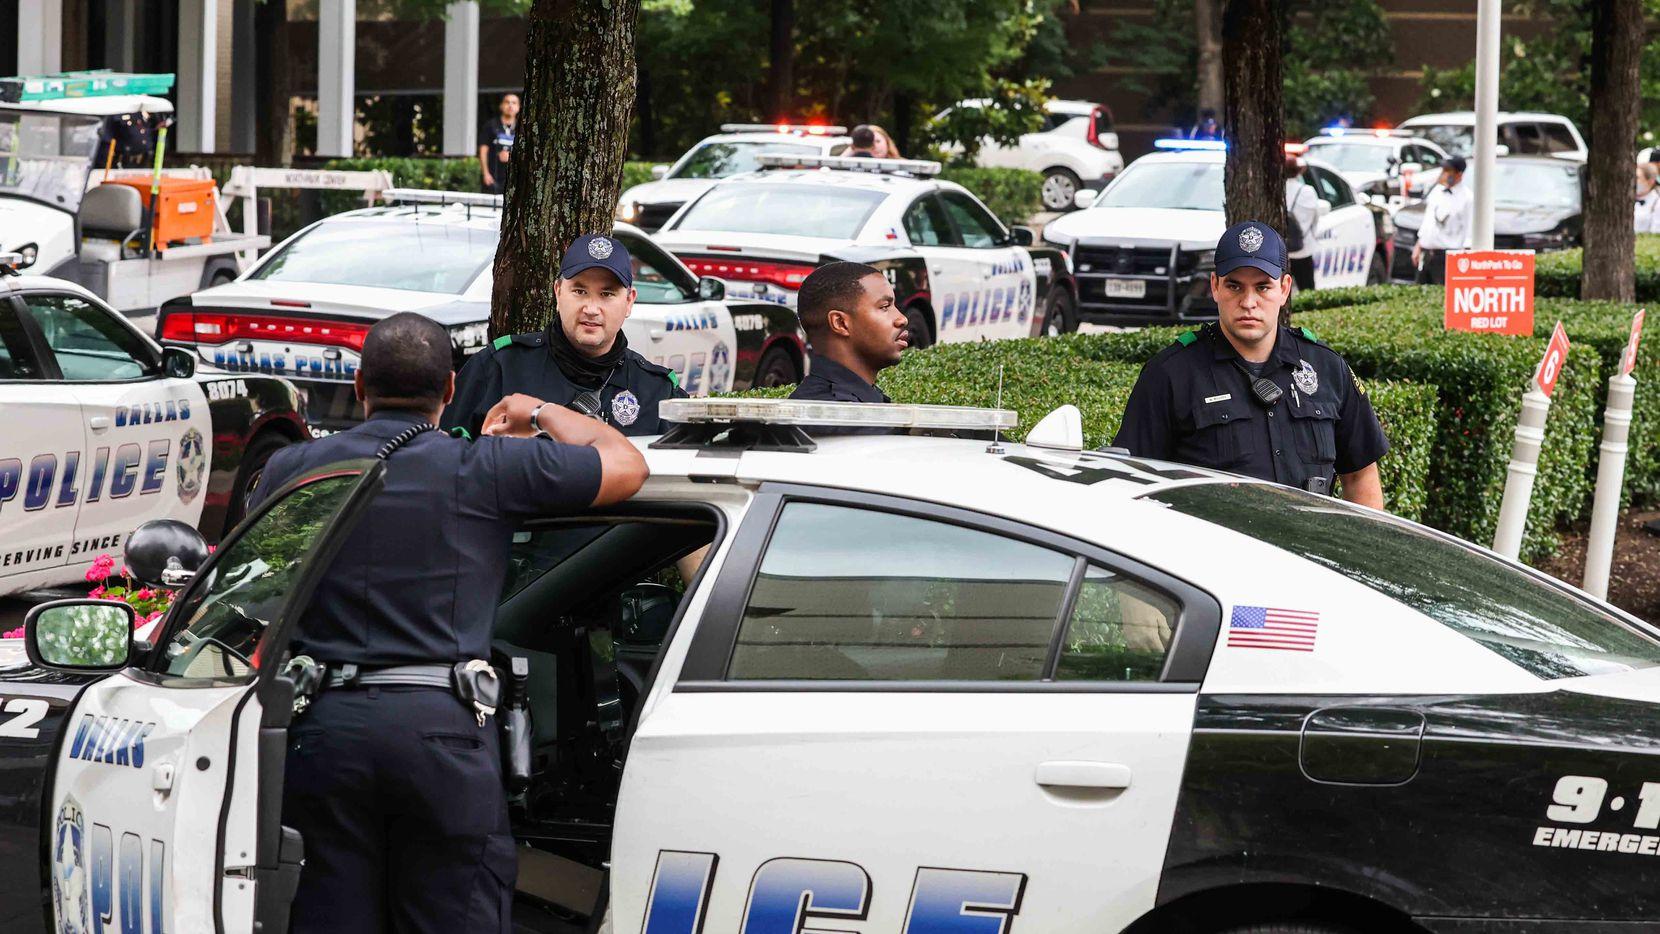 Cualquier persona puede hacer un reporte anónimo a la Policía de Dallas utilizando alguna de las alternativas que tiene la ciudad para hacerlo.